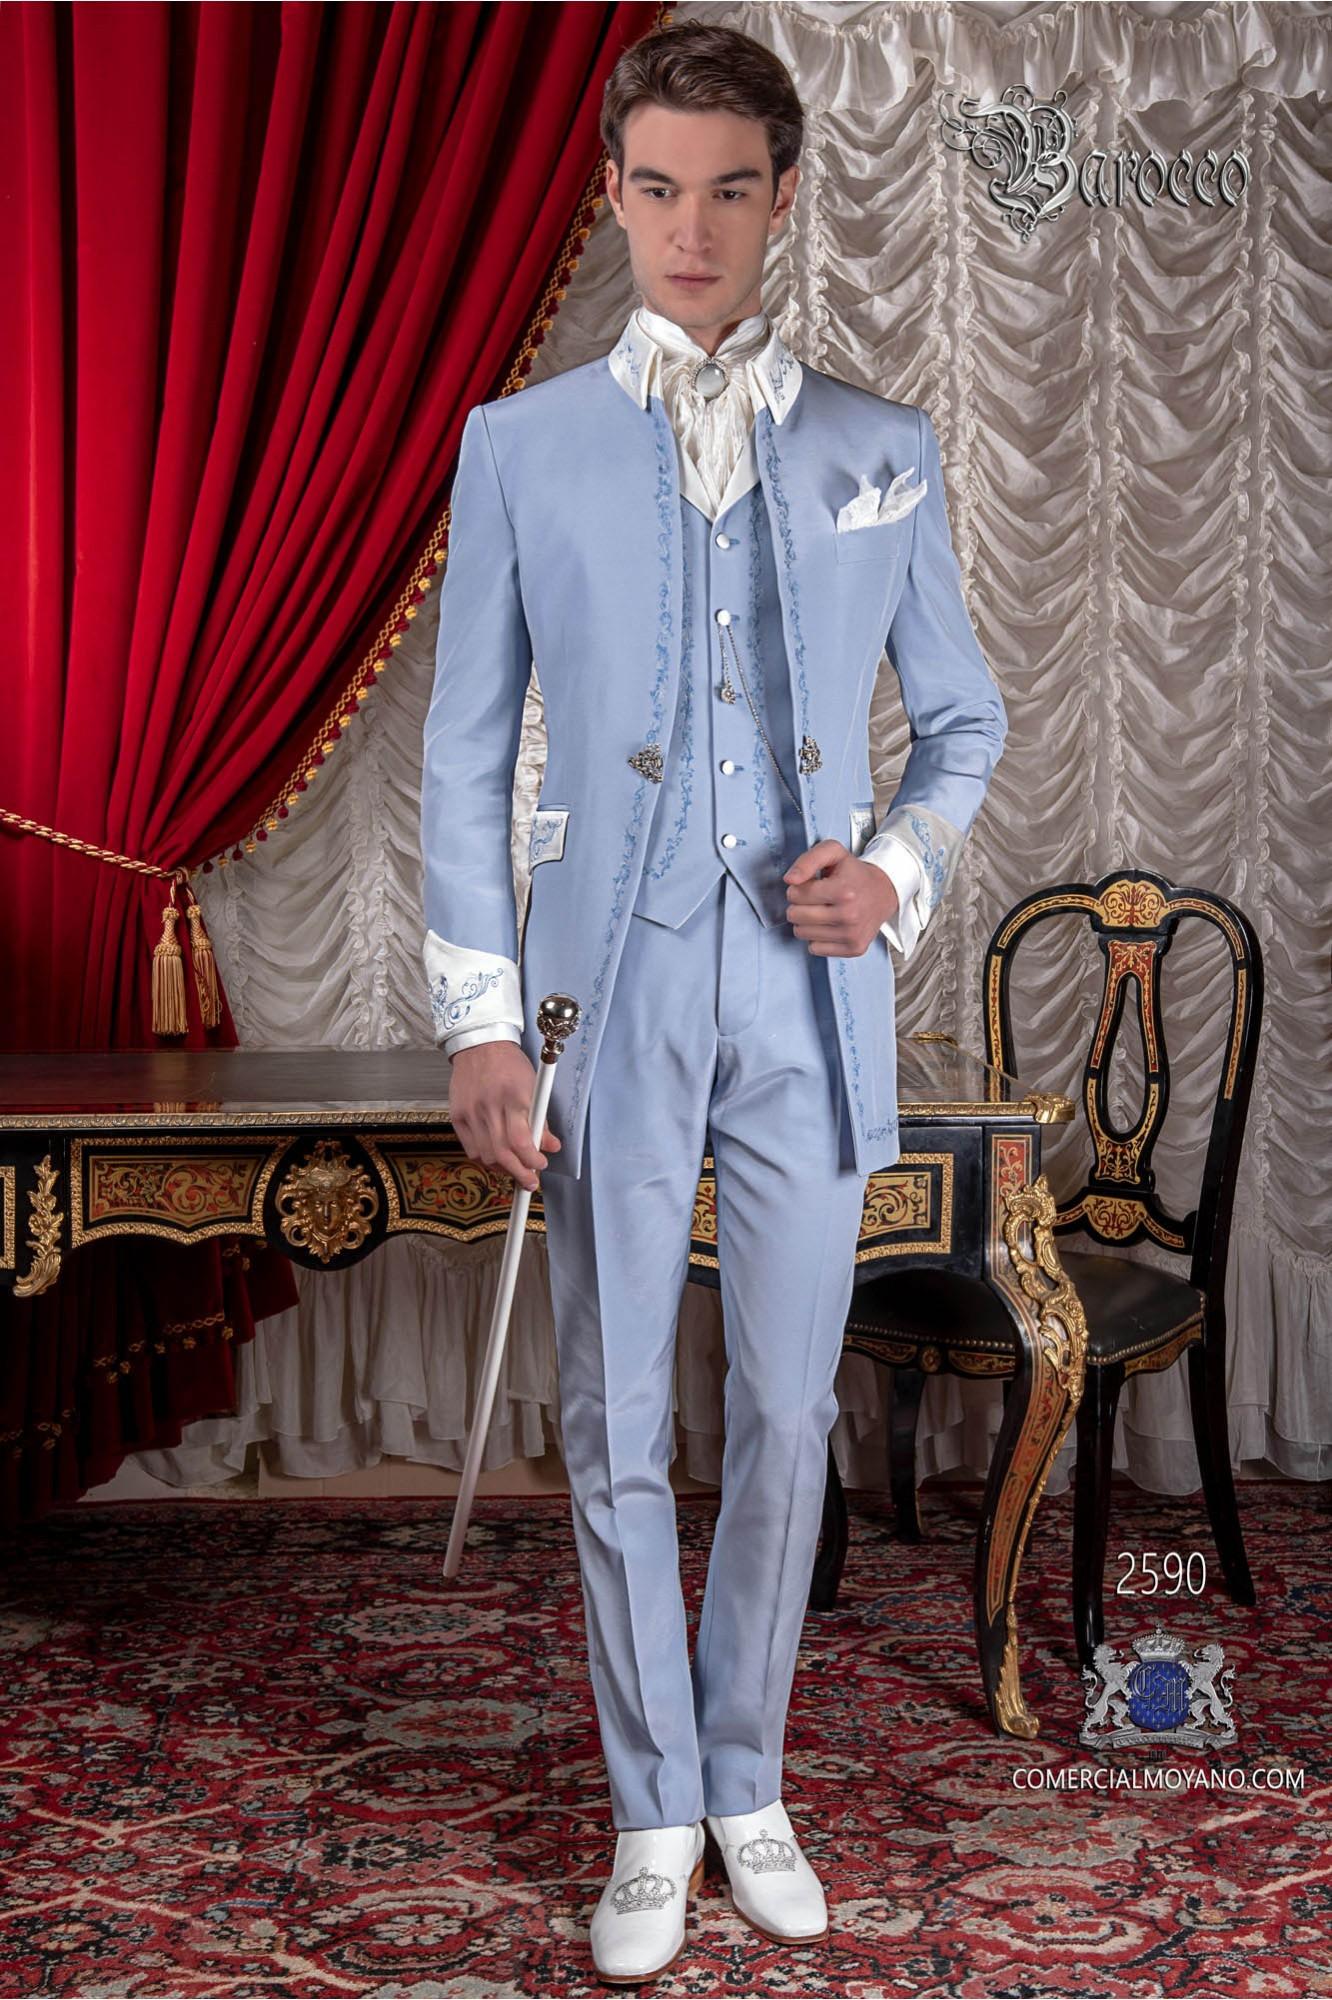 Traje de época casaca azul claro